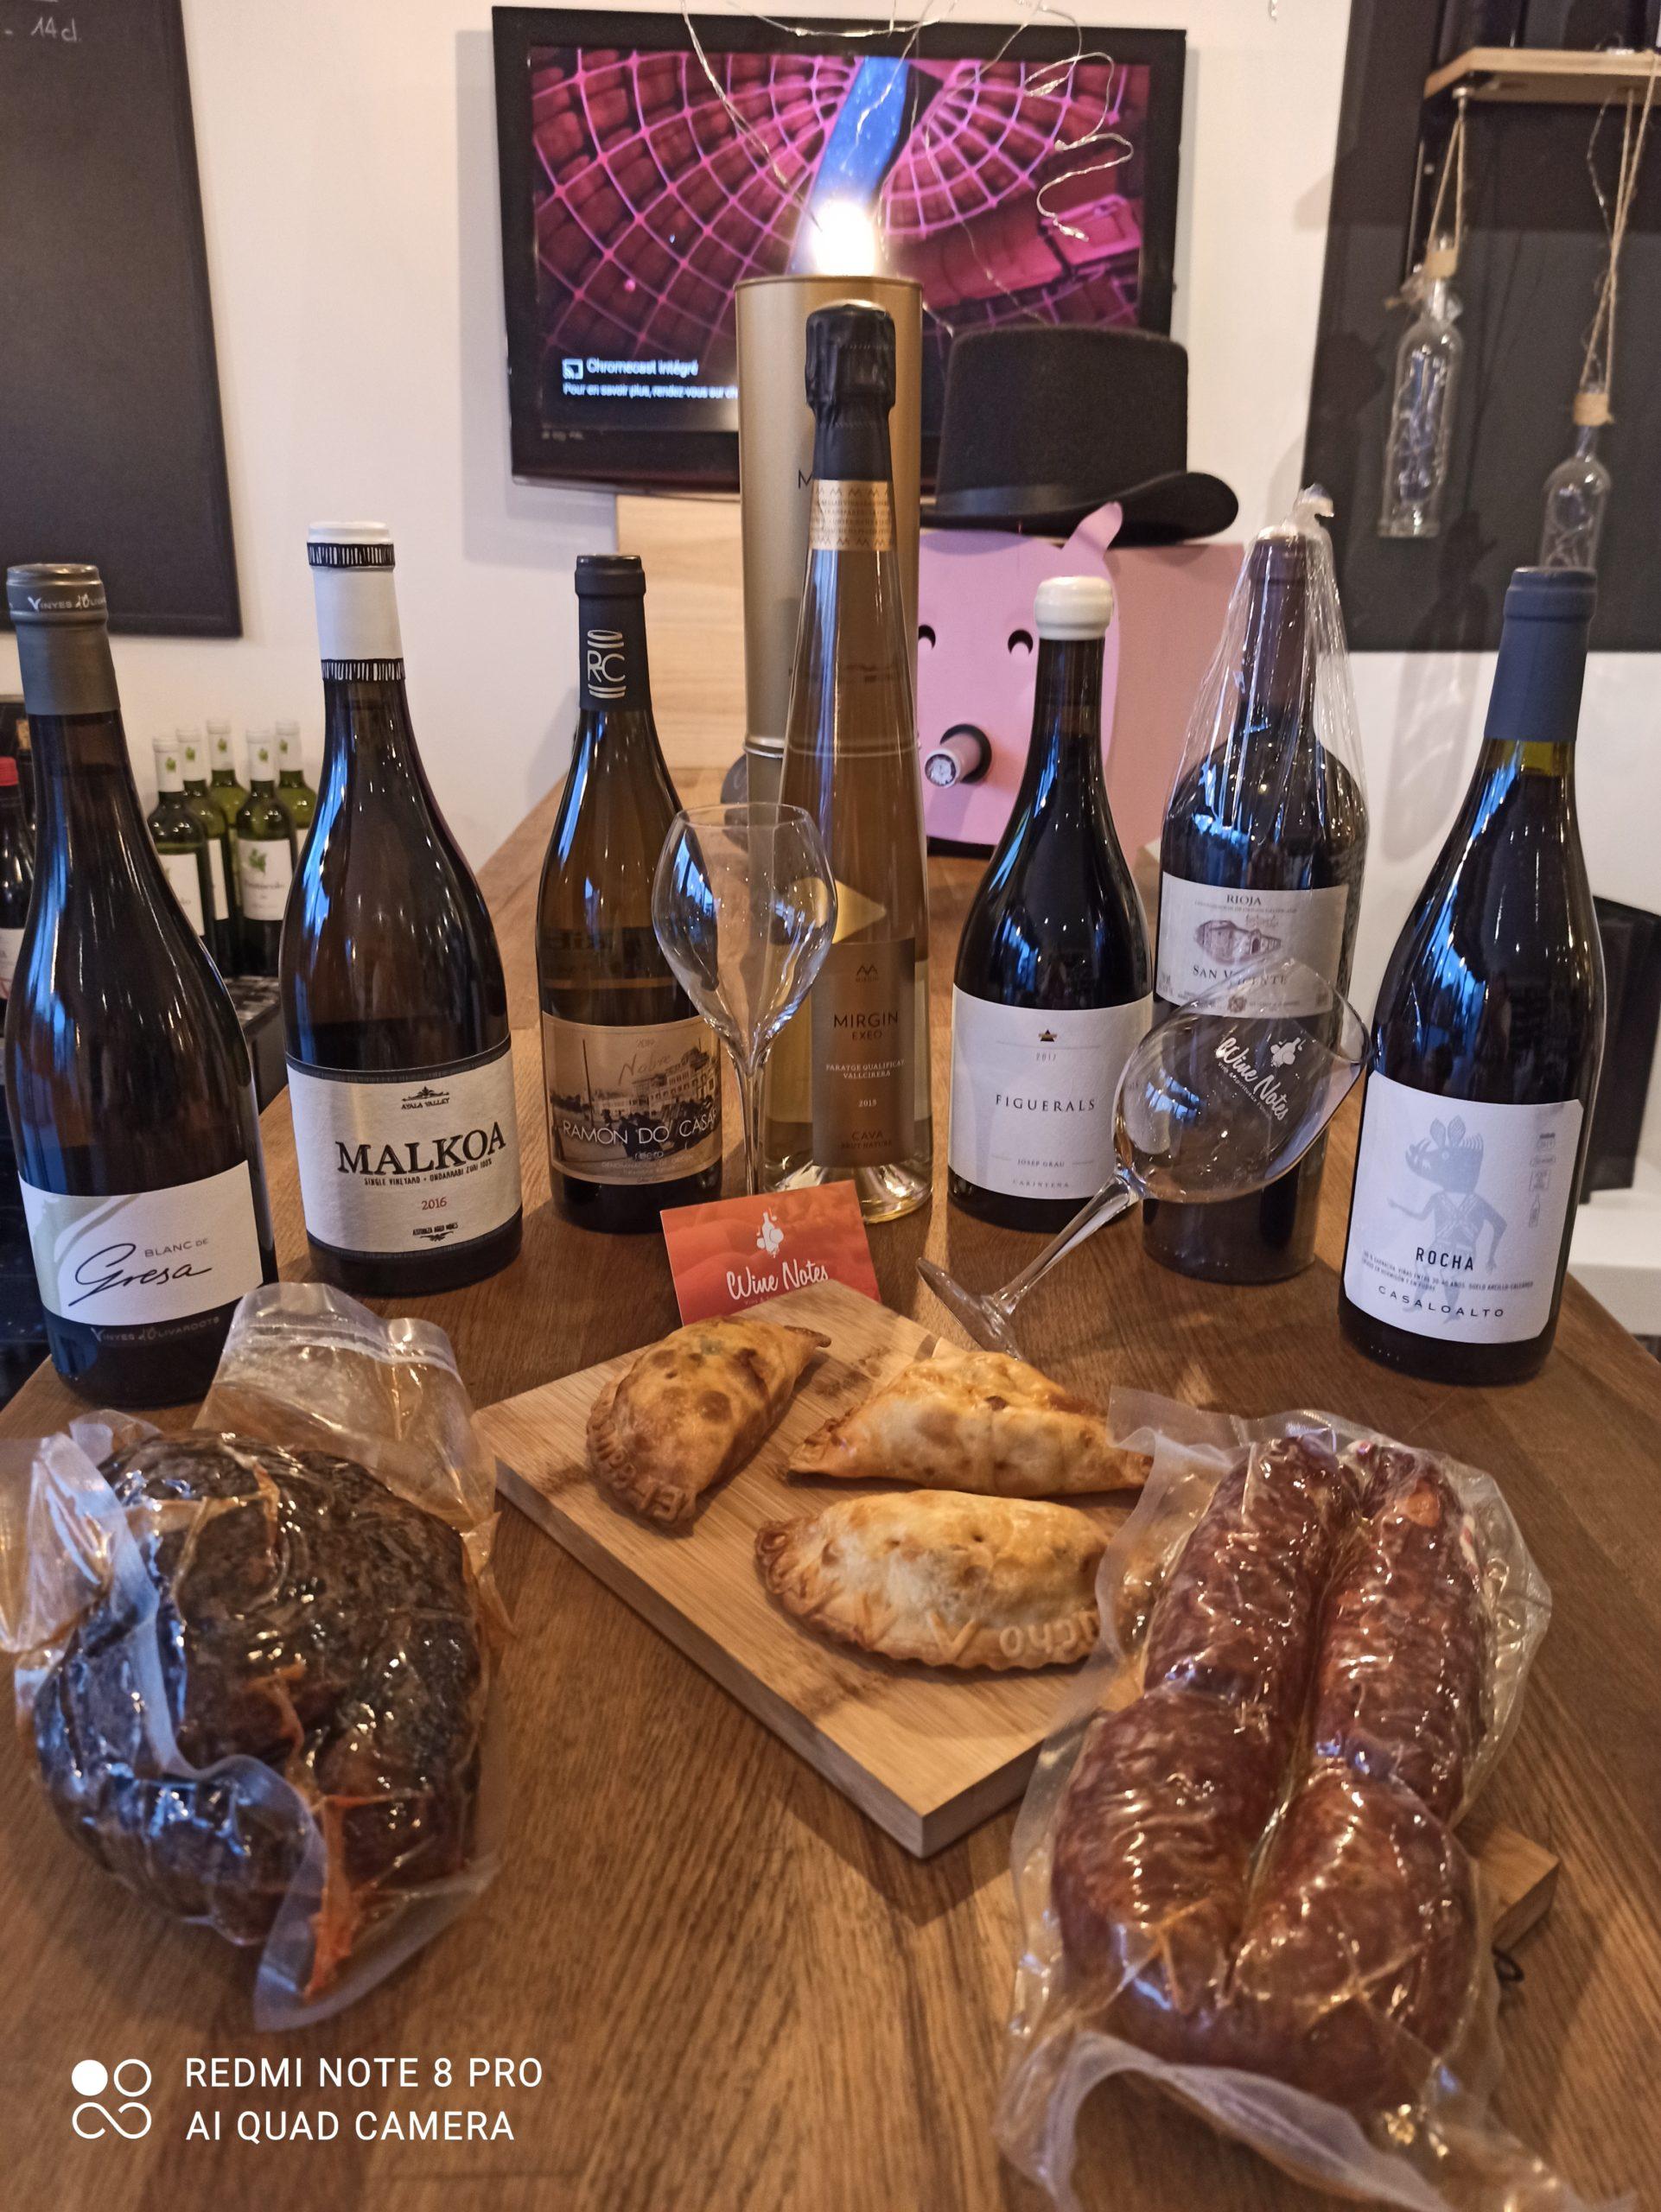 Planche de charcuteries, bouteilles de vins et empanadas disposés sur un table chez le caviste